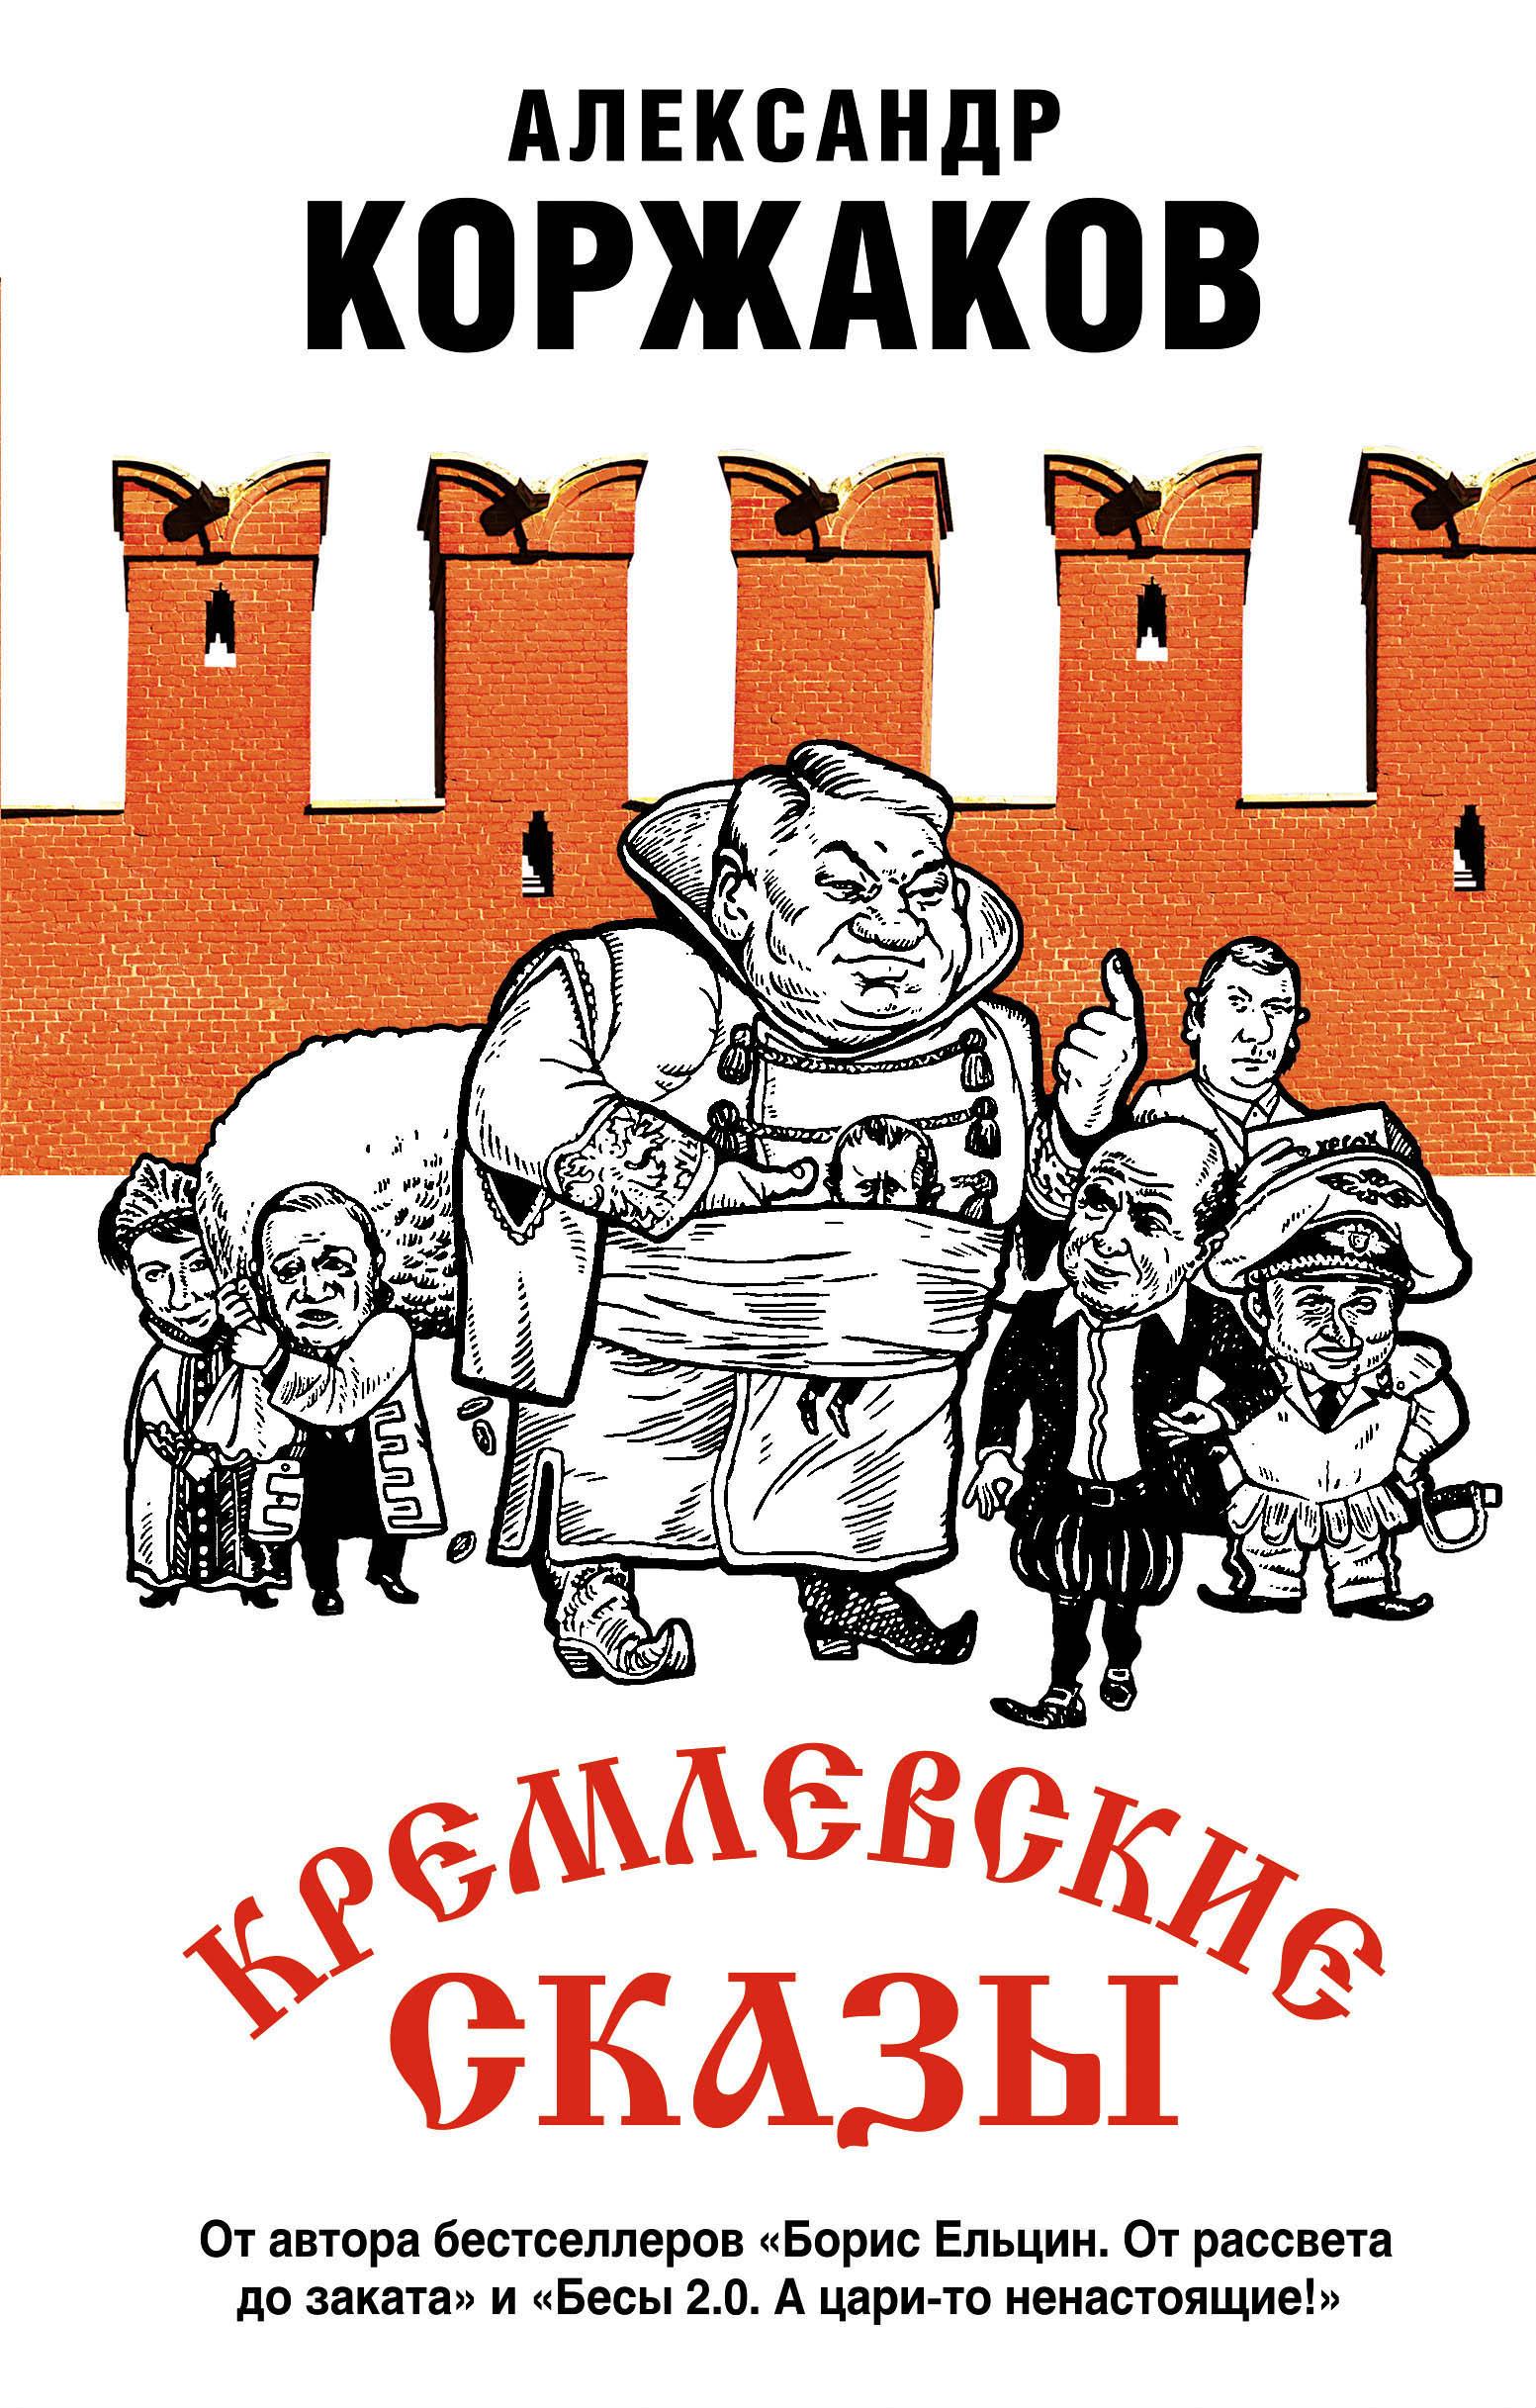 kremlevskie skazy